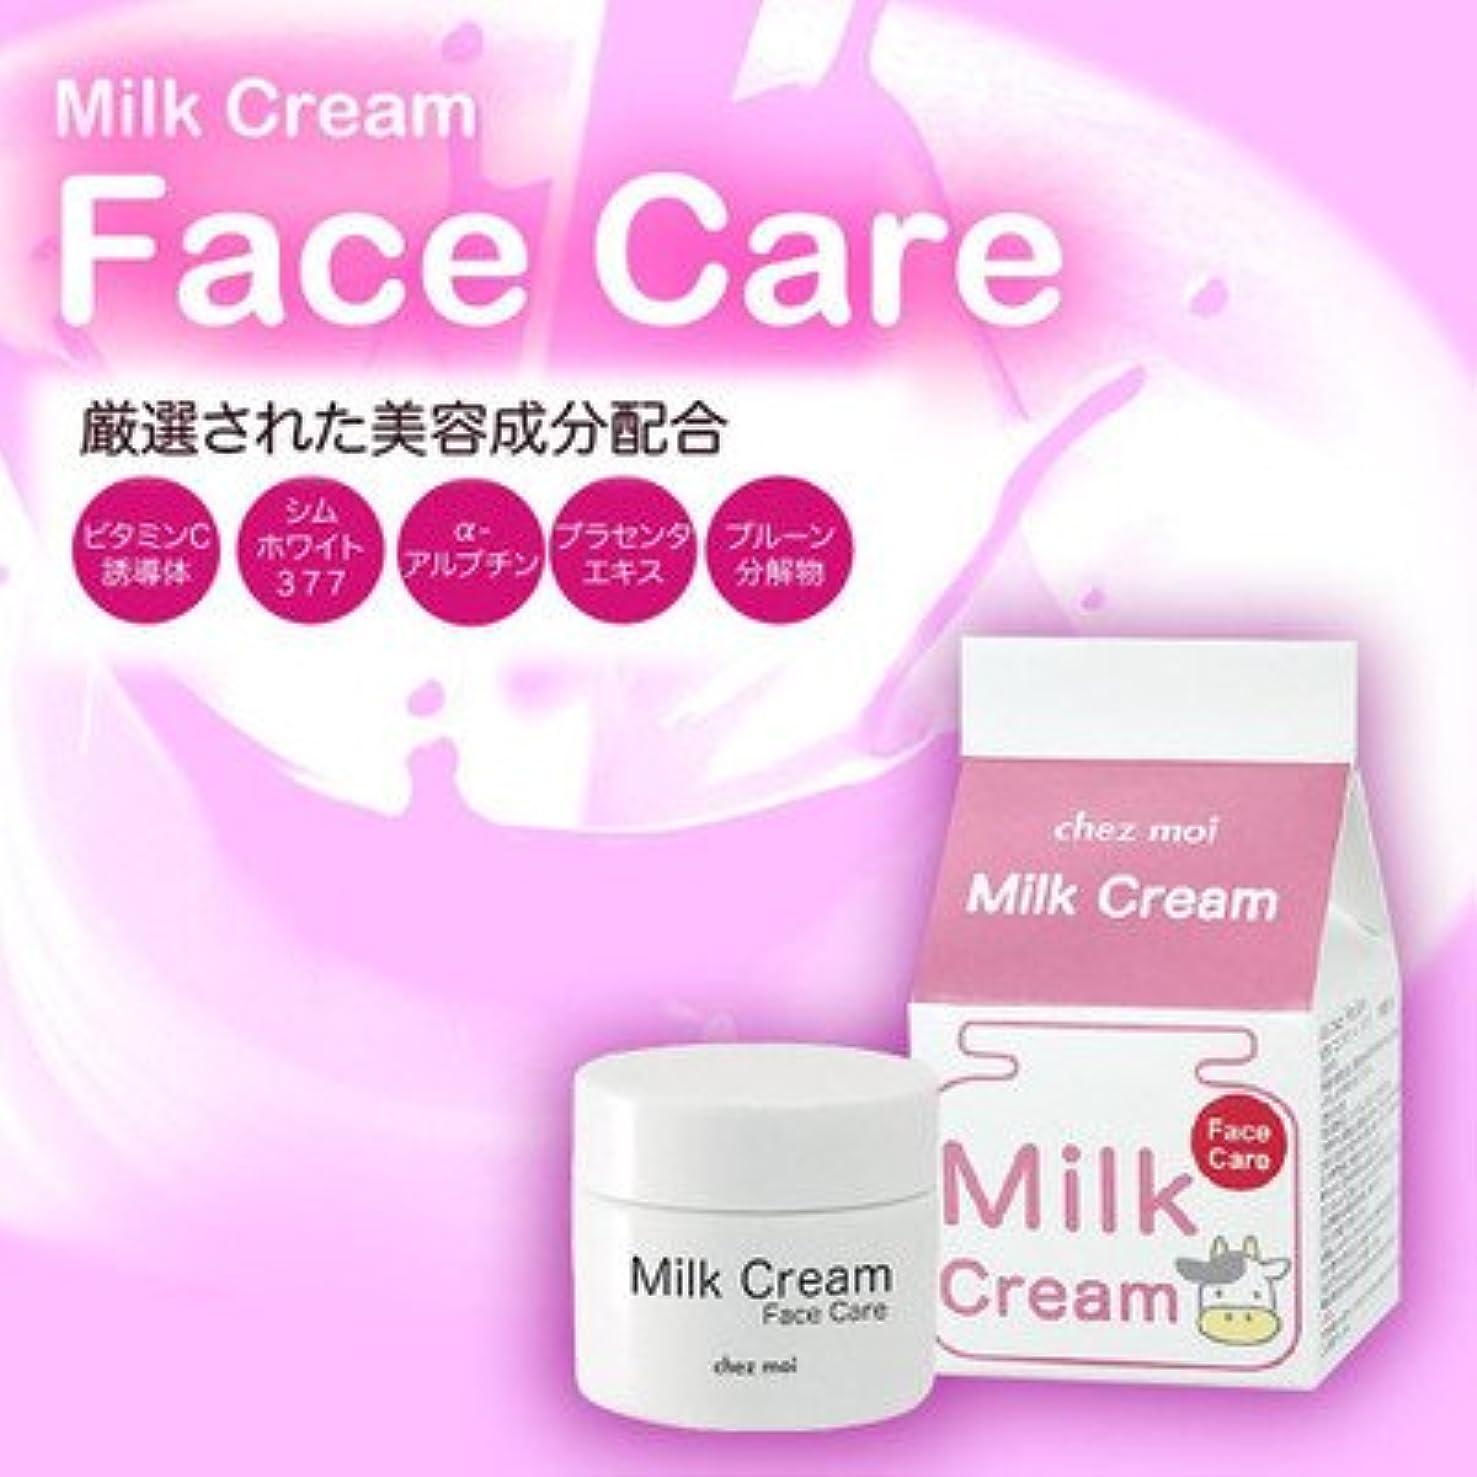 ズボンびっくりしたうがい乾燥によるお肌のくすみが気になる方に Milk Cream ミルククリーム Face Care フェイスケア パック 30g